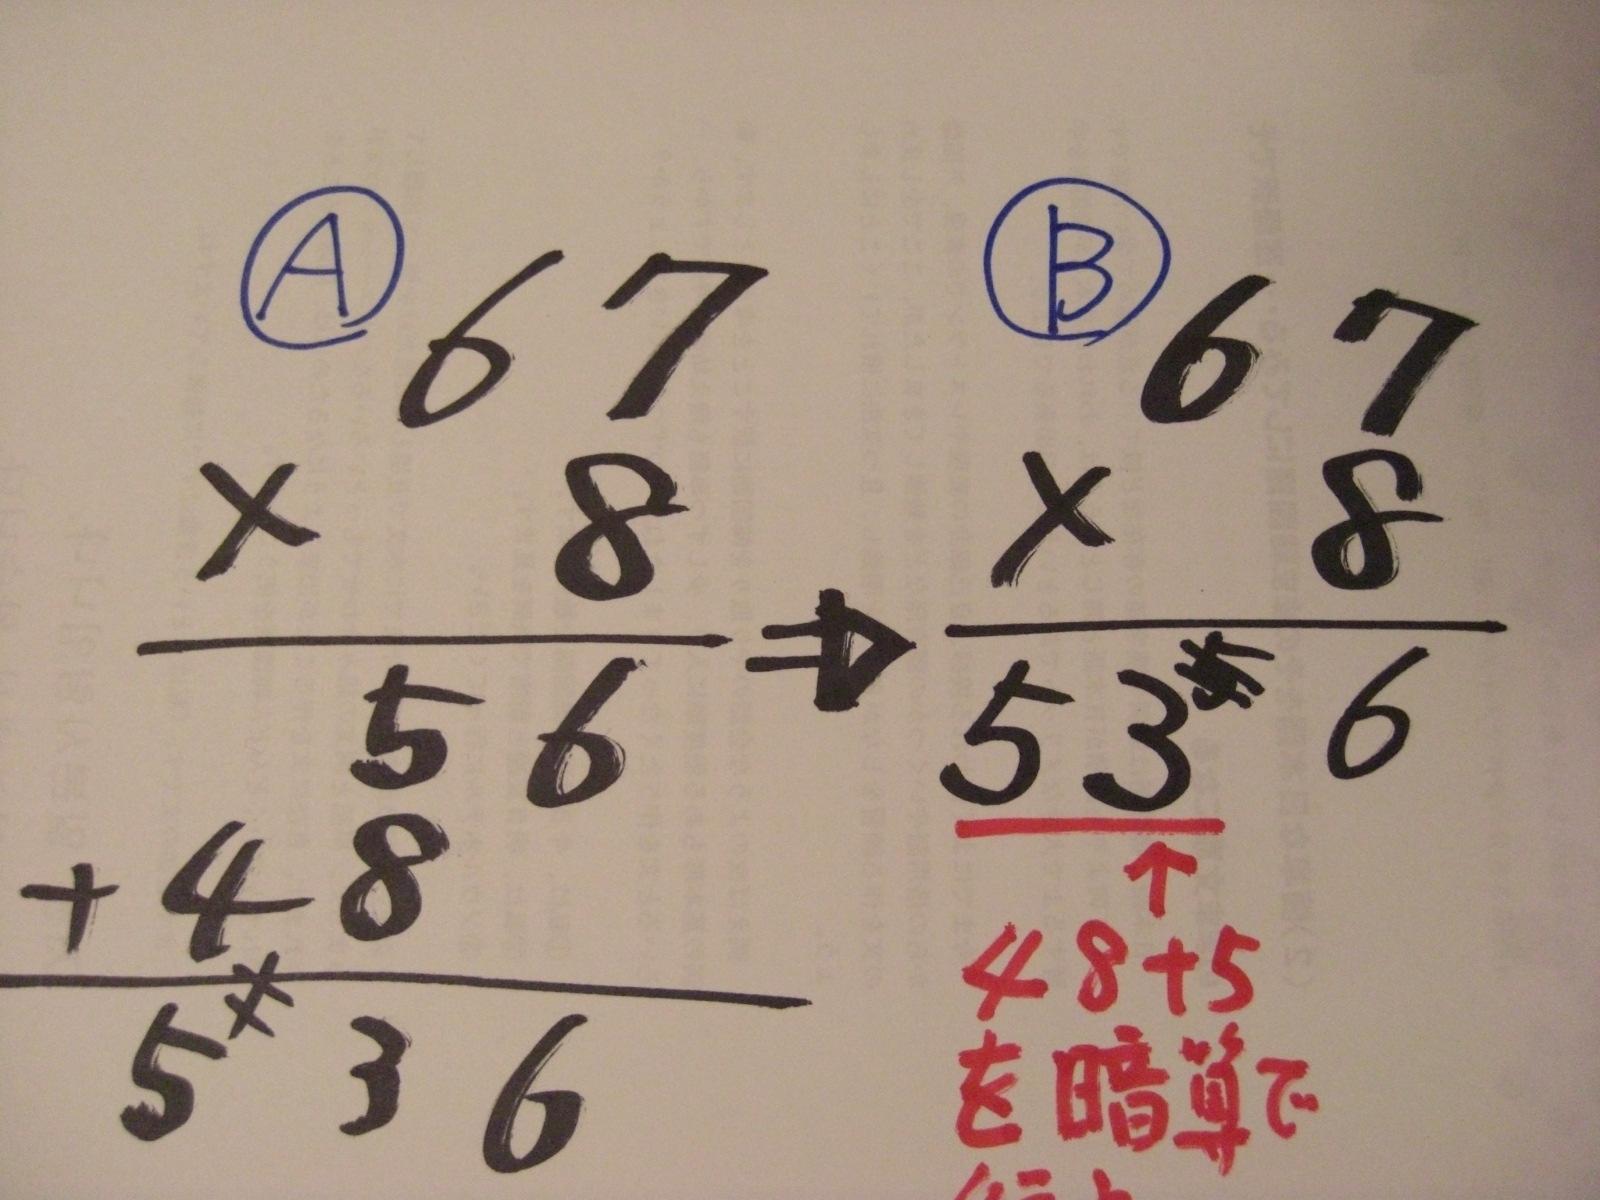 例会 : 石原清貴の算数教育 ... : 足し算 暗算 : すべての講義